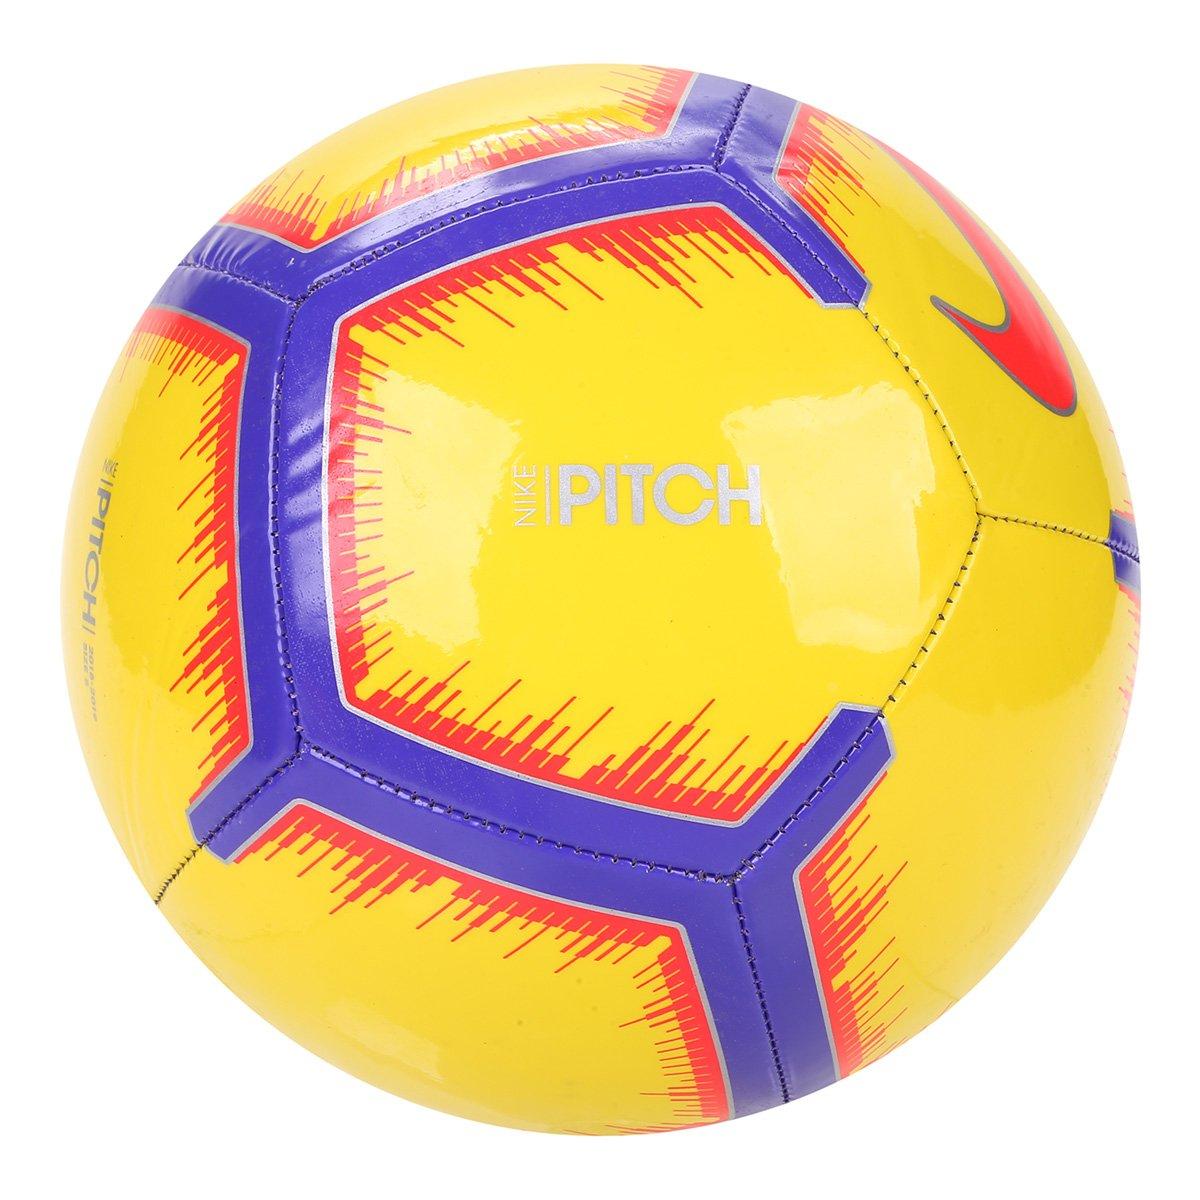 380e9d5d7a Bola de Futebol Campo Pitch Nike - Amarelo - Compre Agora